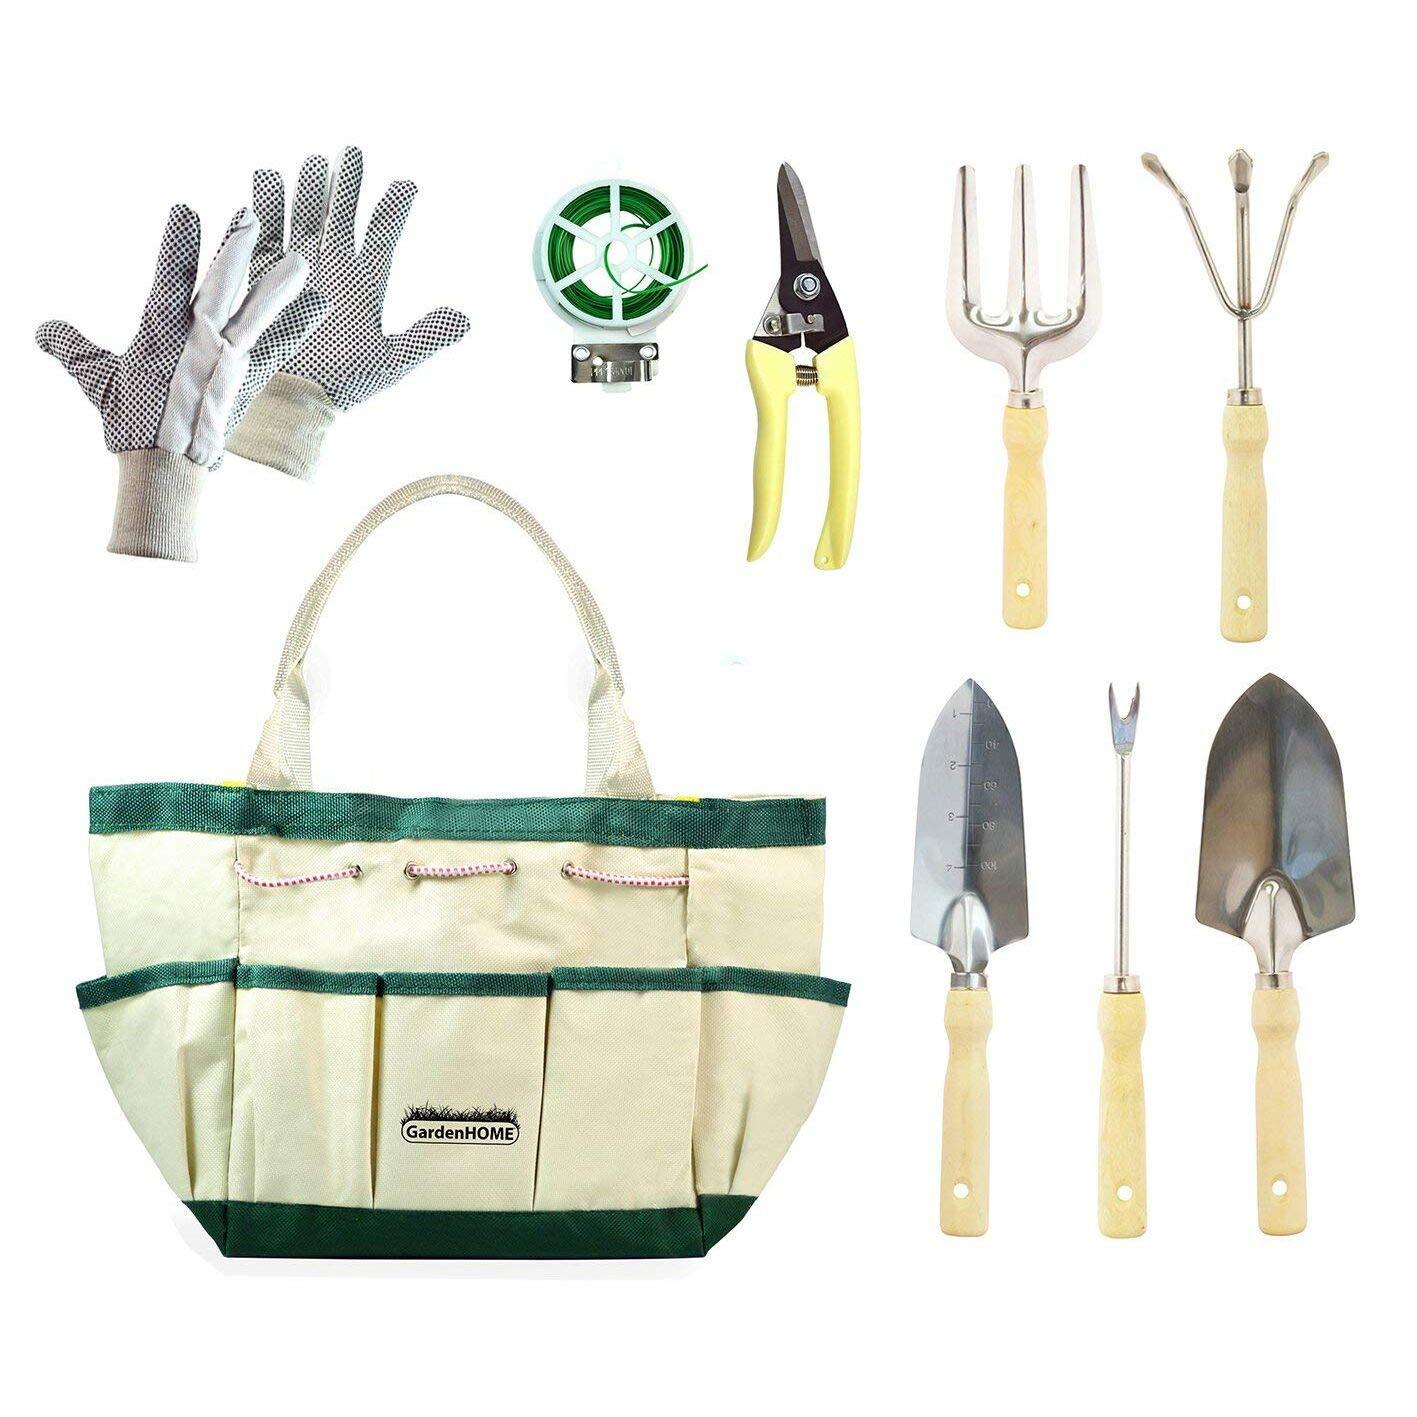 GardenHOME Herramientas de Jardín 9 Pcs Kit de Jardinería Juegos de Herramientas con Organizador Bolsa y Guantes, Jardineria Herramientas: Amazon.es: Jardín